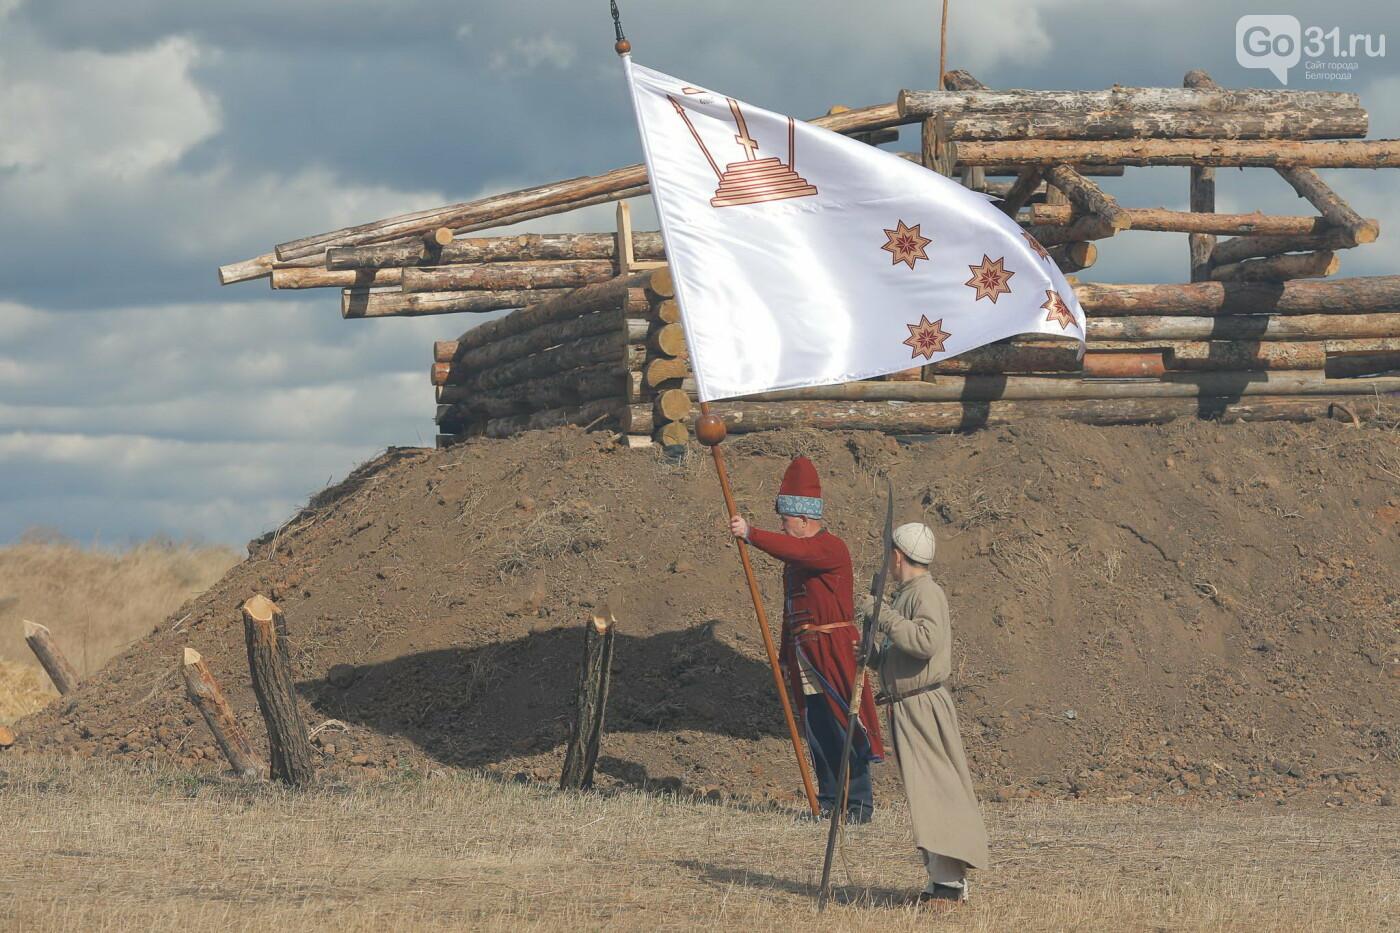 Кулебяка, штурм окопа, городовые казаки. Какой была третья «Белгородская черта», фото-7, Фото: Антон Вергун